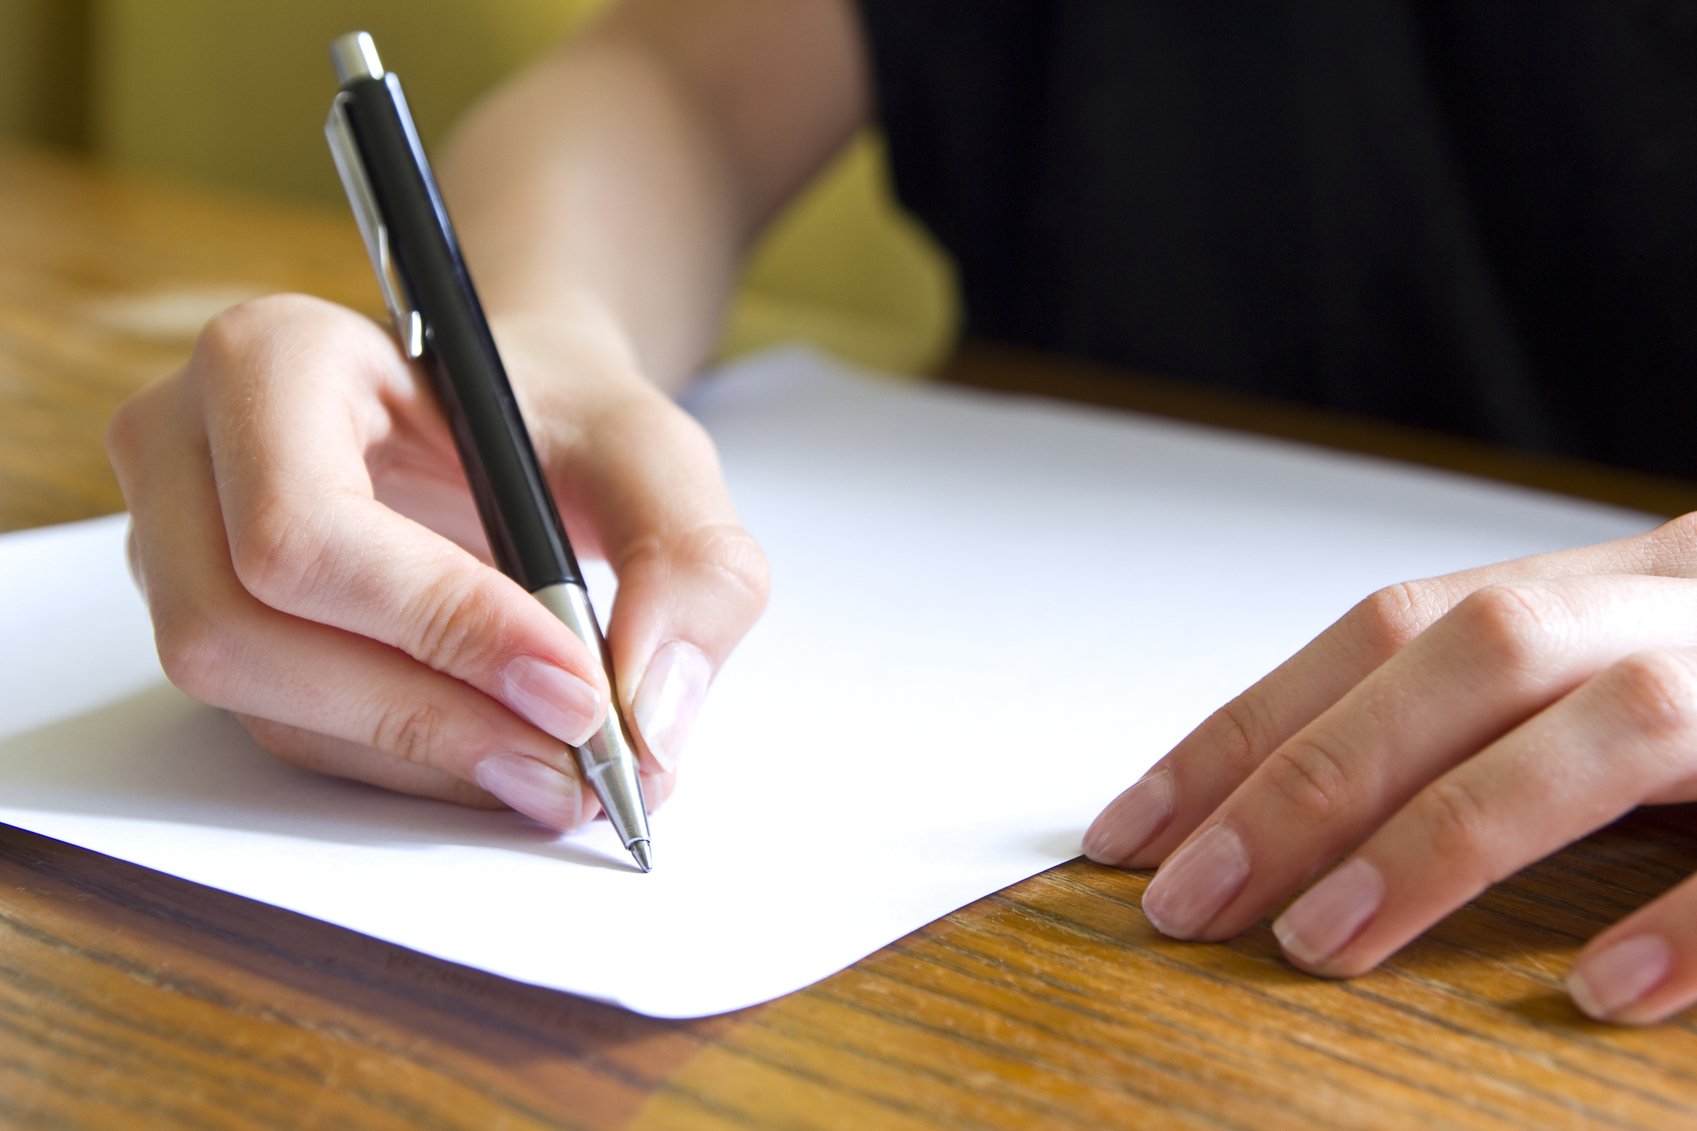 kondolenzbriefe - Kondolenzbrief Muster